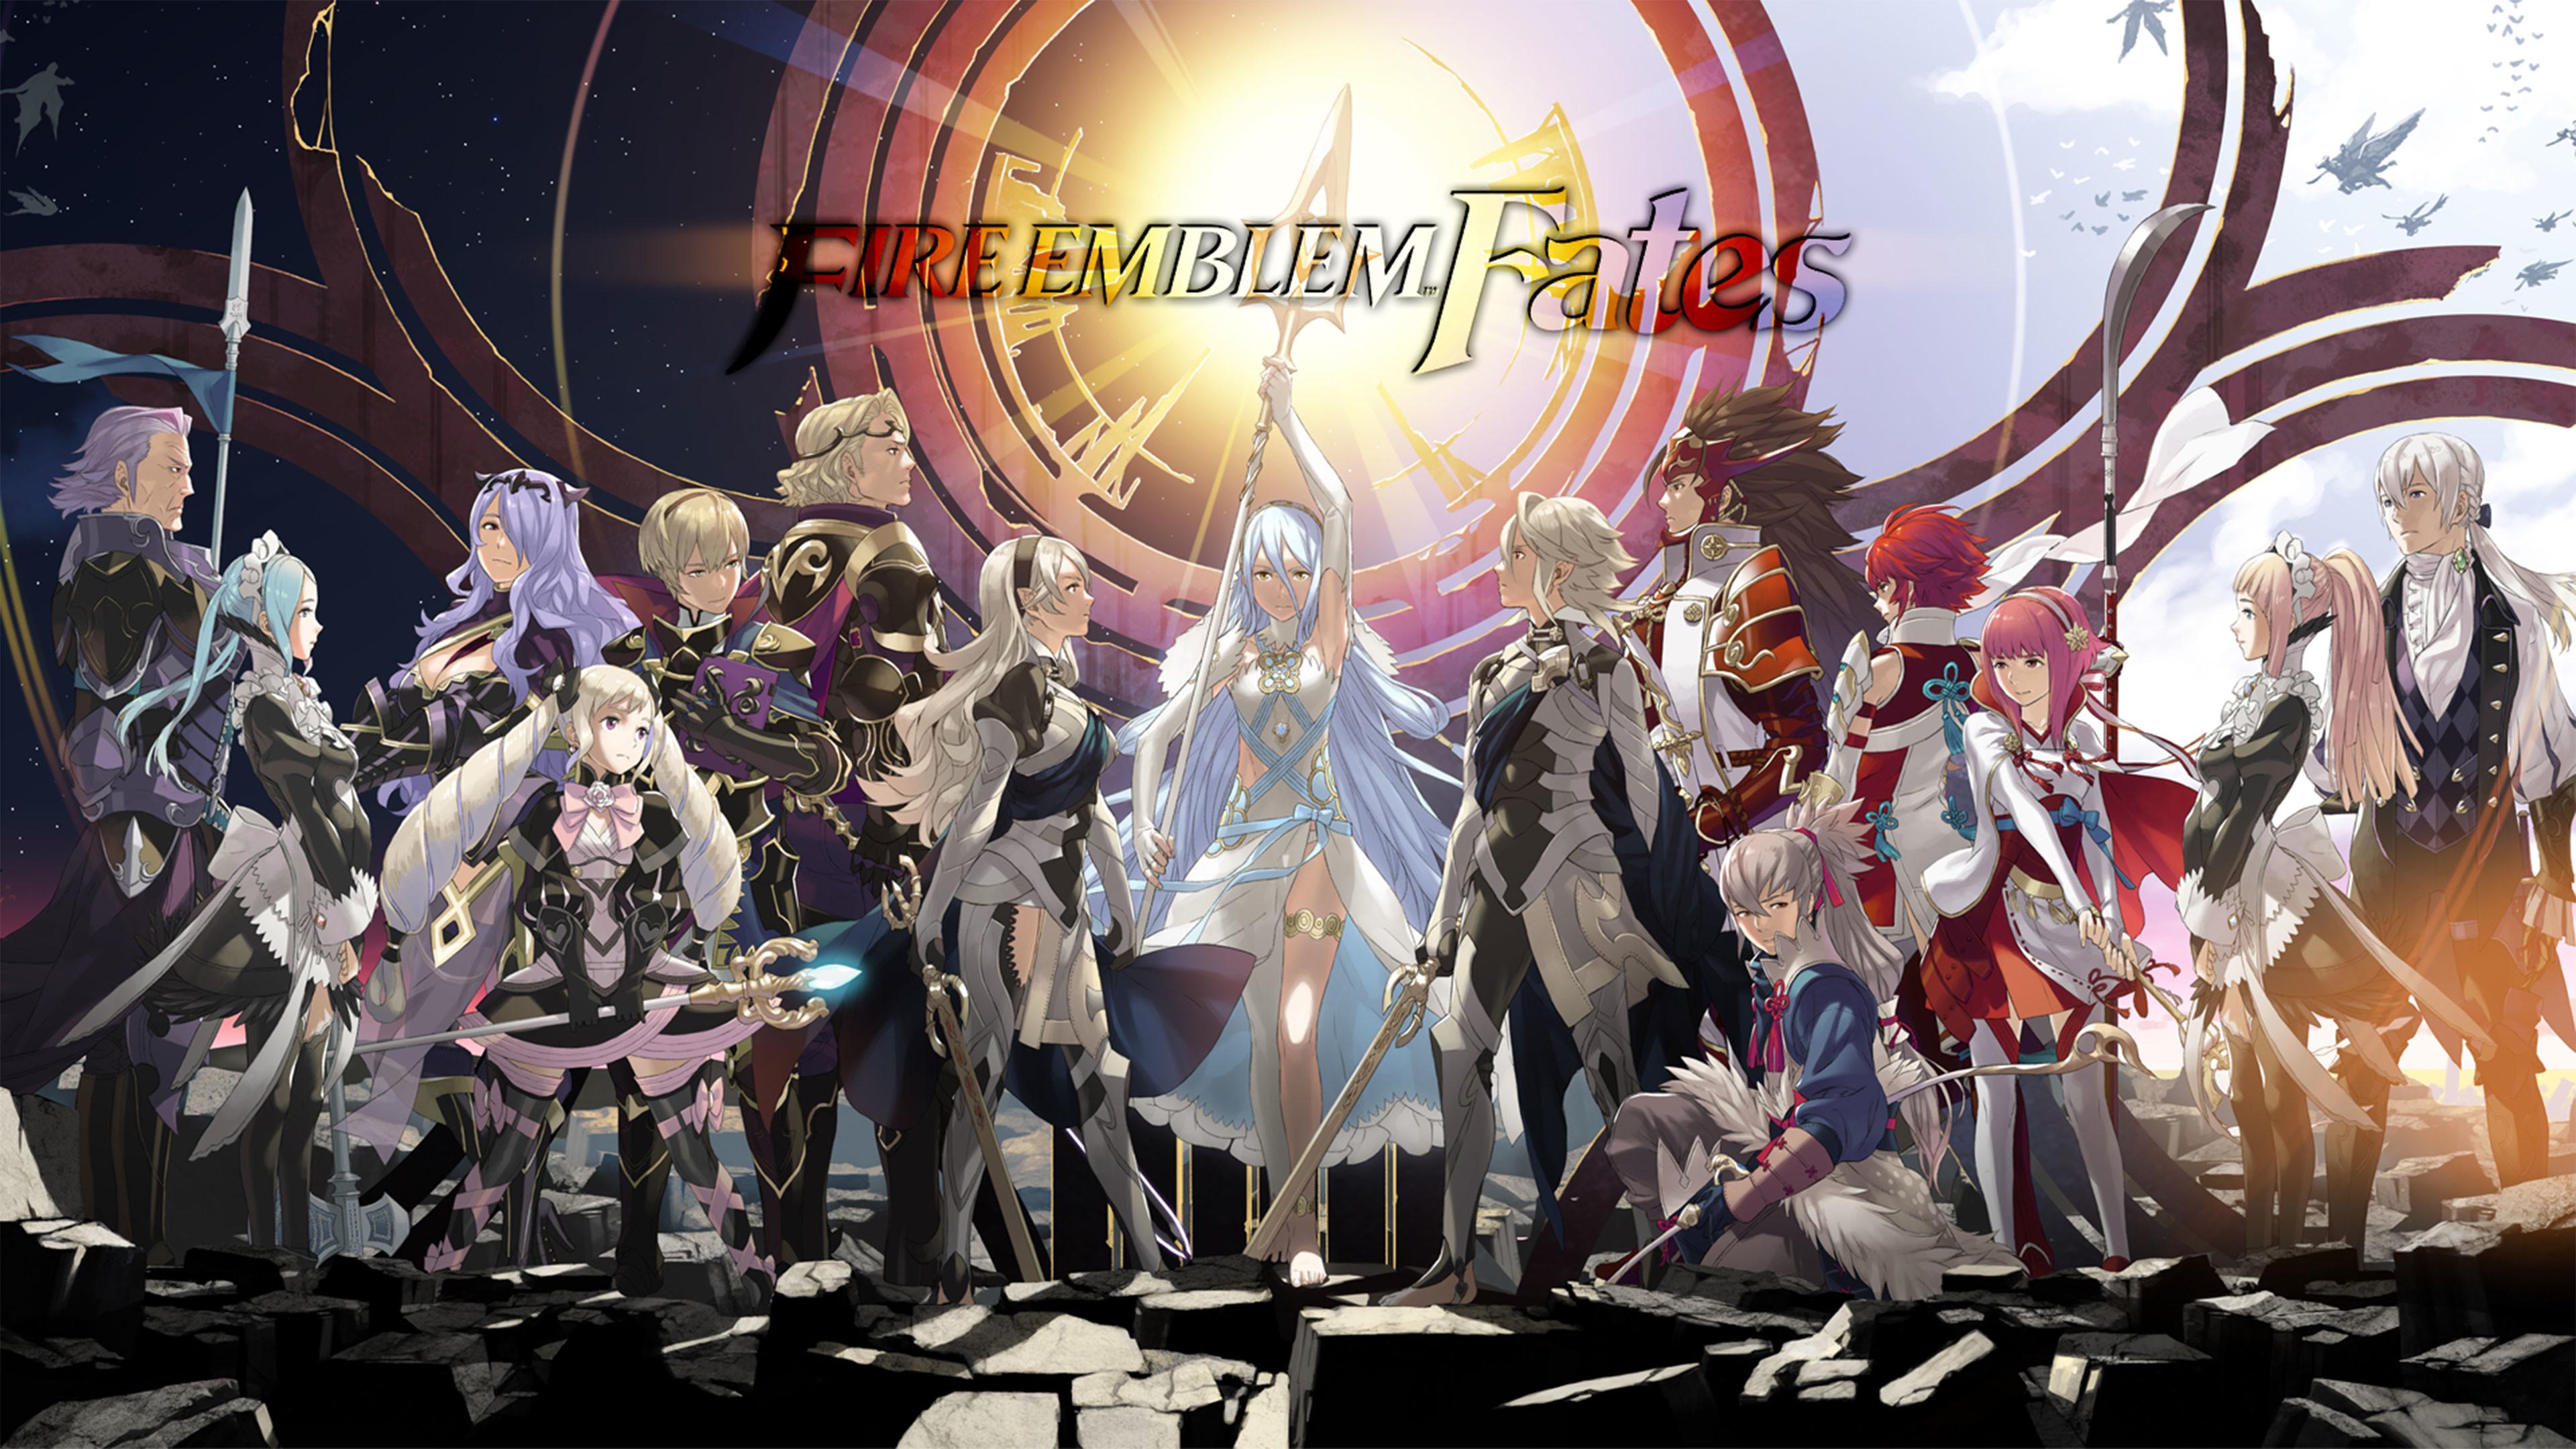 Fire Emblem Fates 4K Wallpaper …